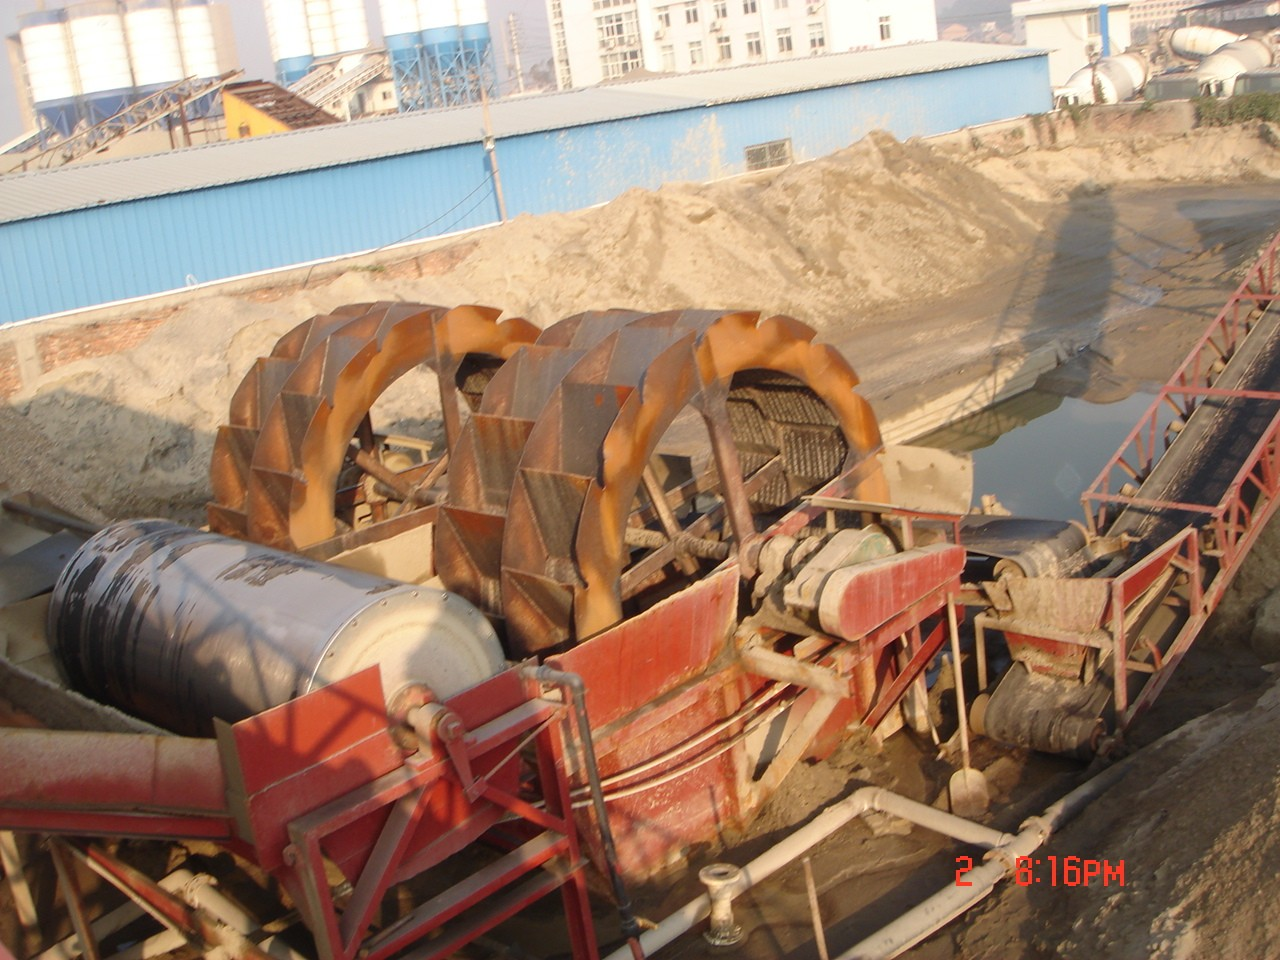 洗砂机,洗石机作用,能洗沙,能洗石子,还能洗西双版纳陨石坠落|新闻动态-青州市远大环保清淤机械科技有限公司